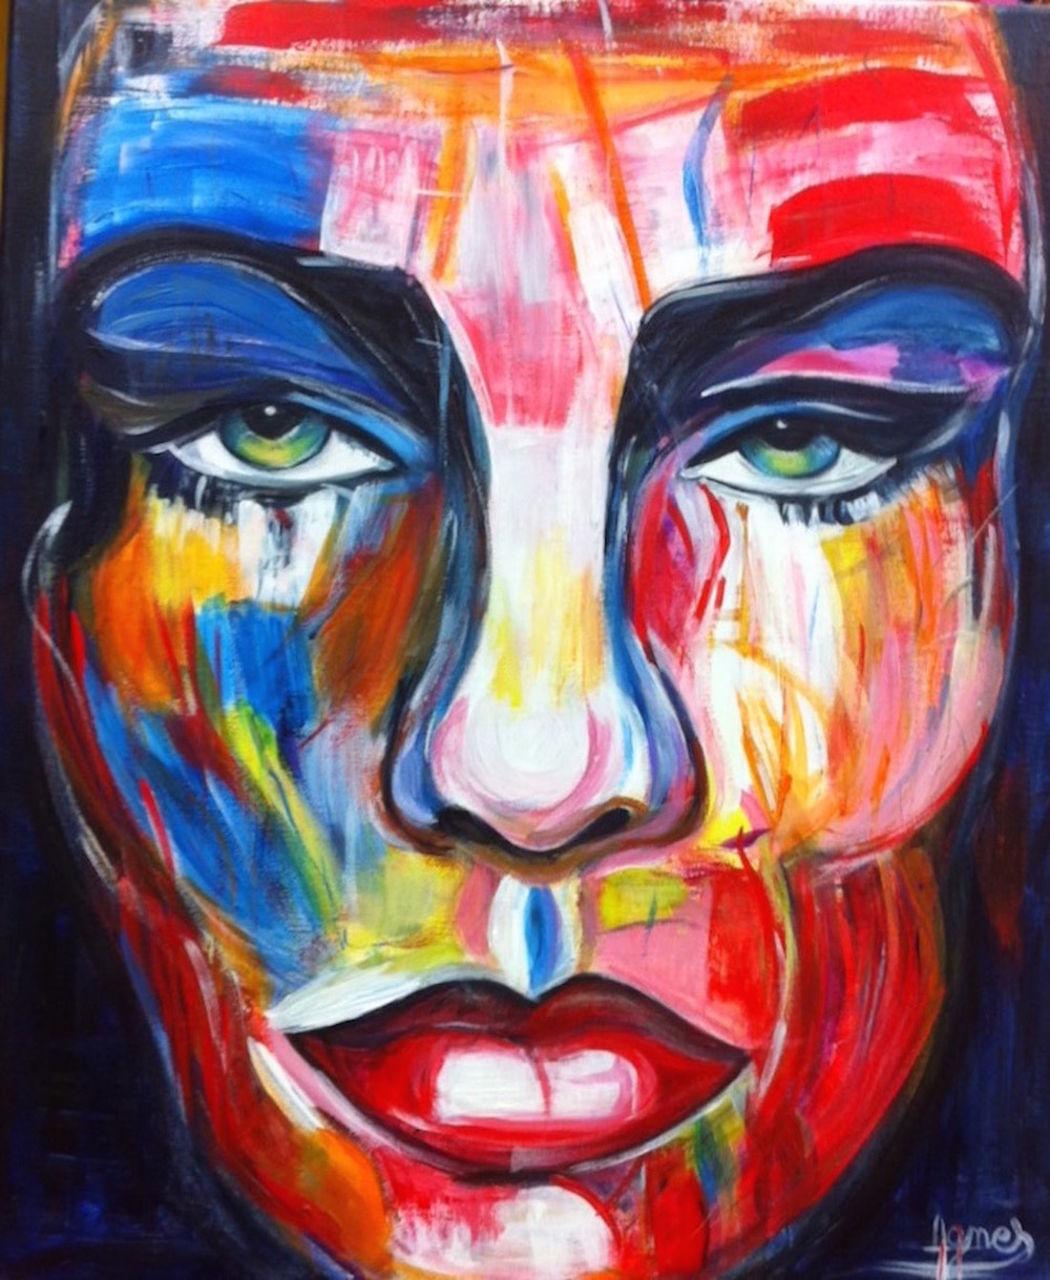 Agnes bens visage couleur